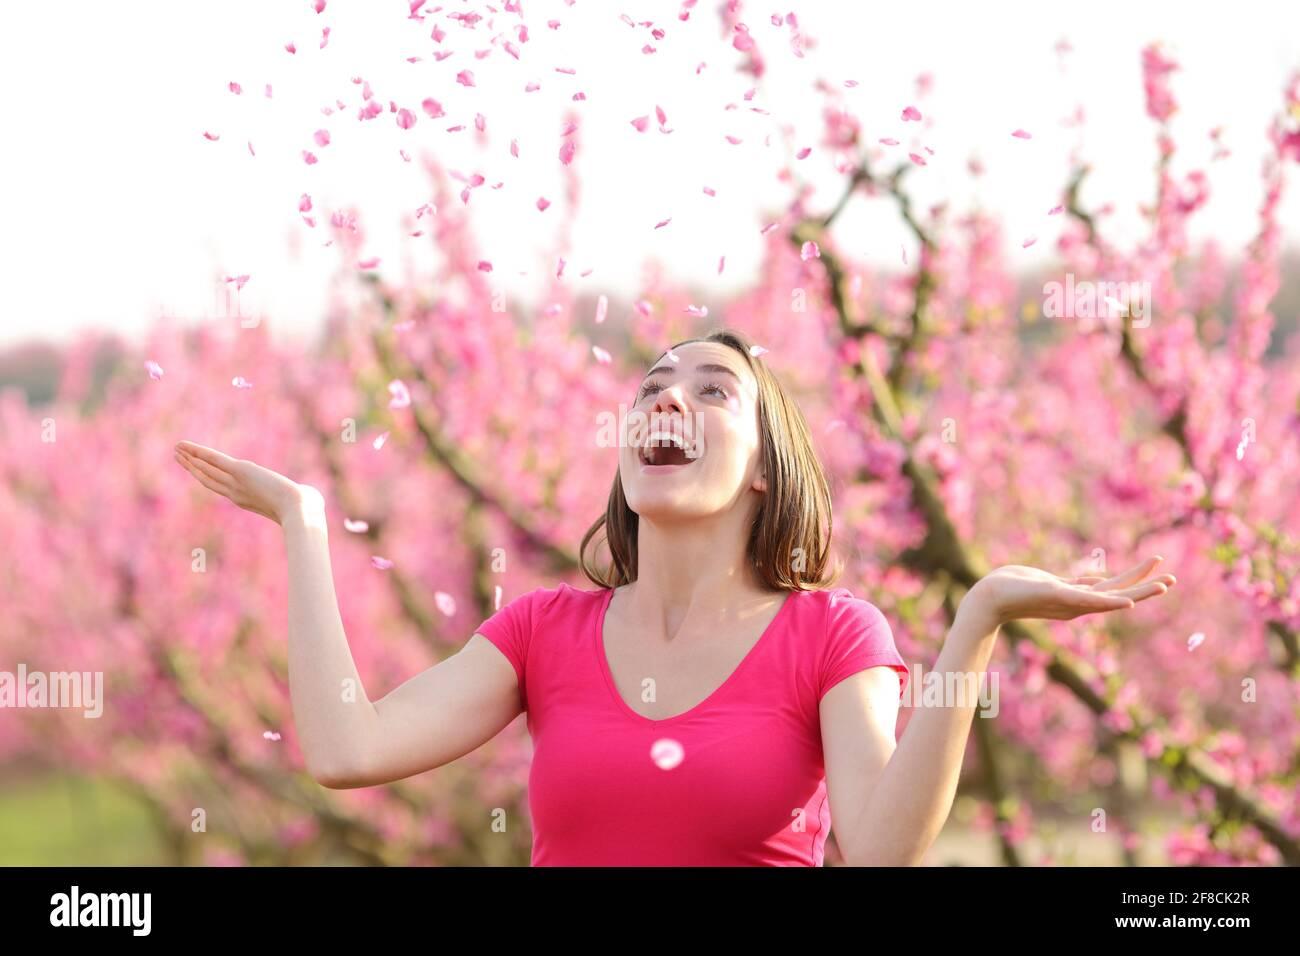 Une femme excitée jette des pétales de fleur dans l'air au printemps dans un champ rose Banque D'Images